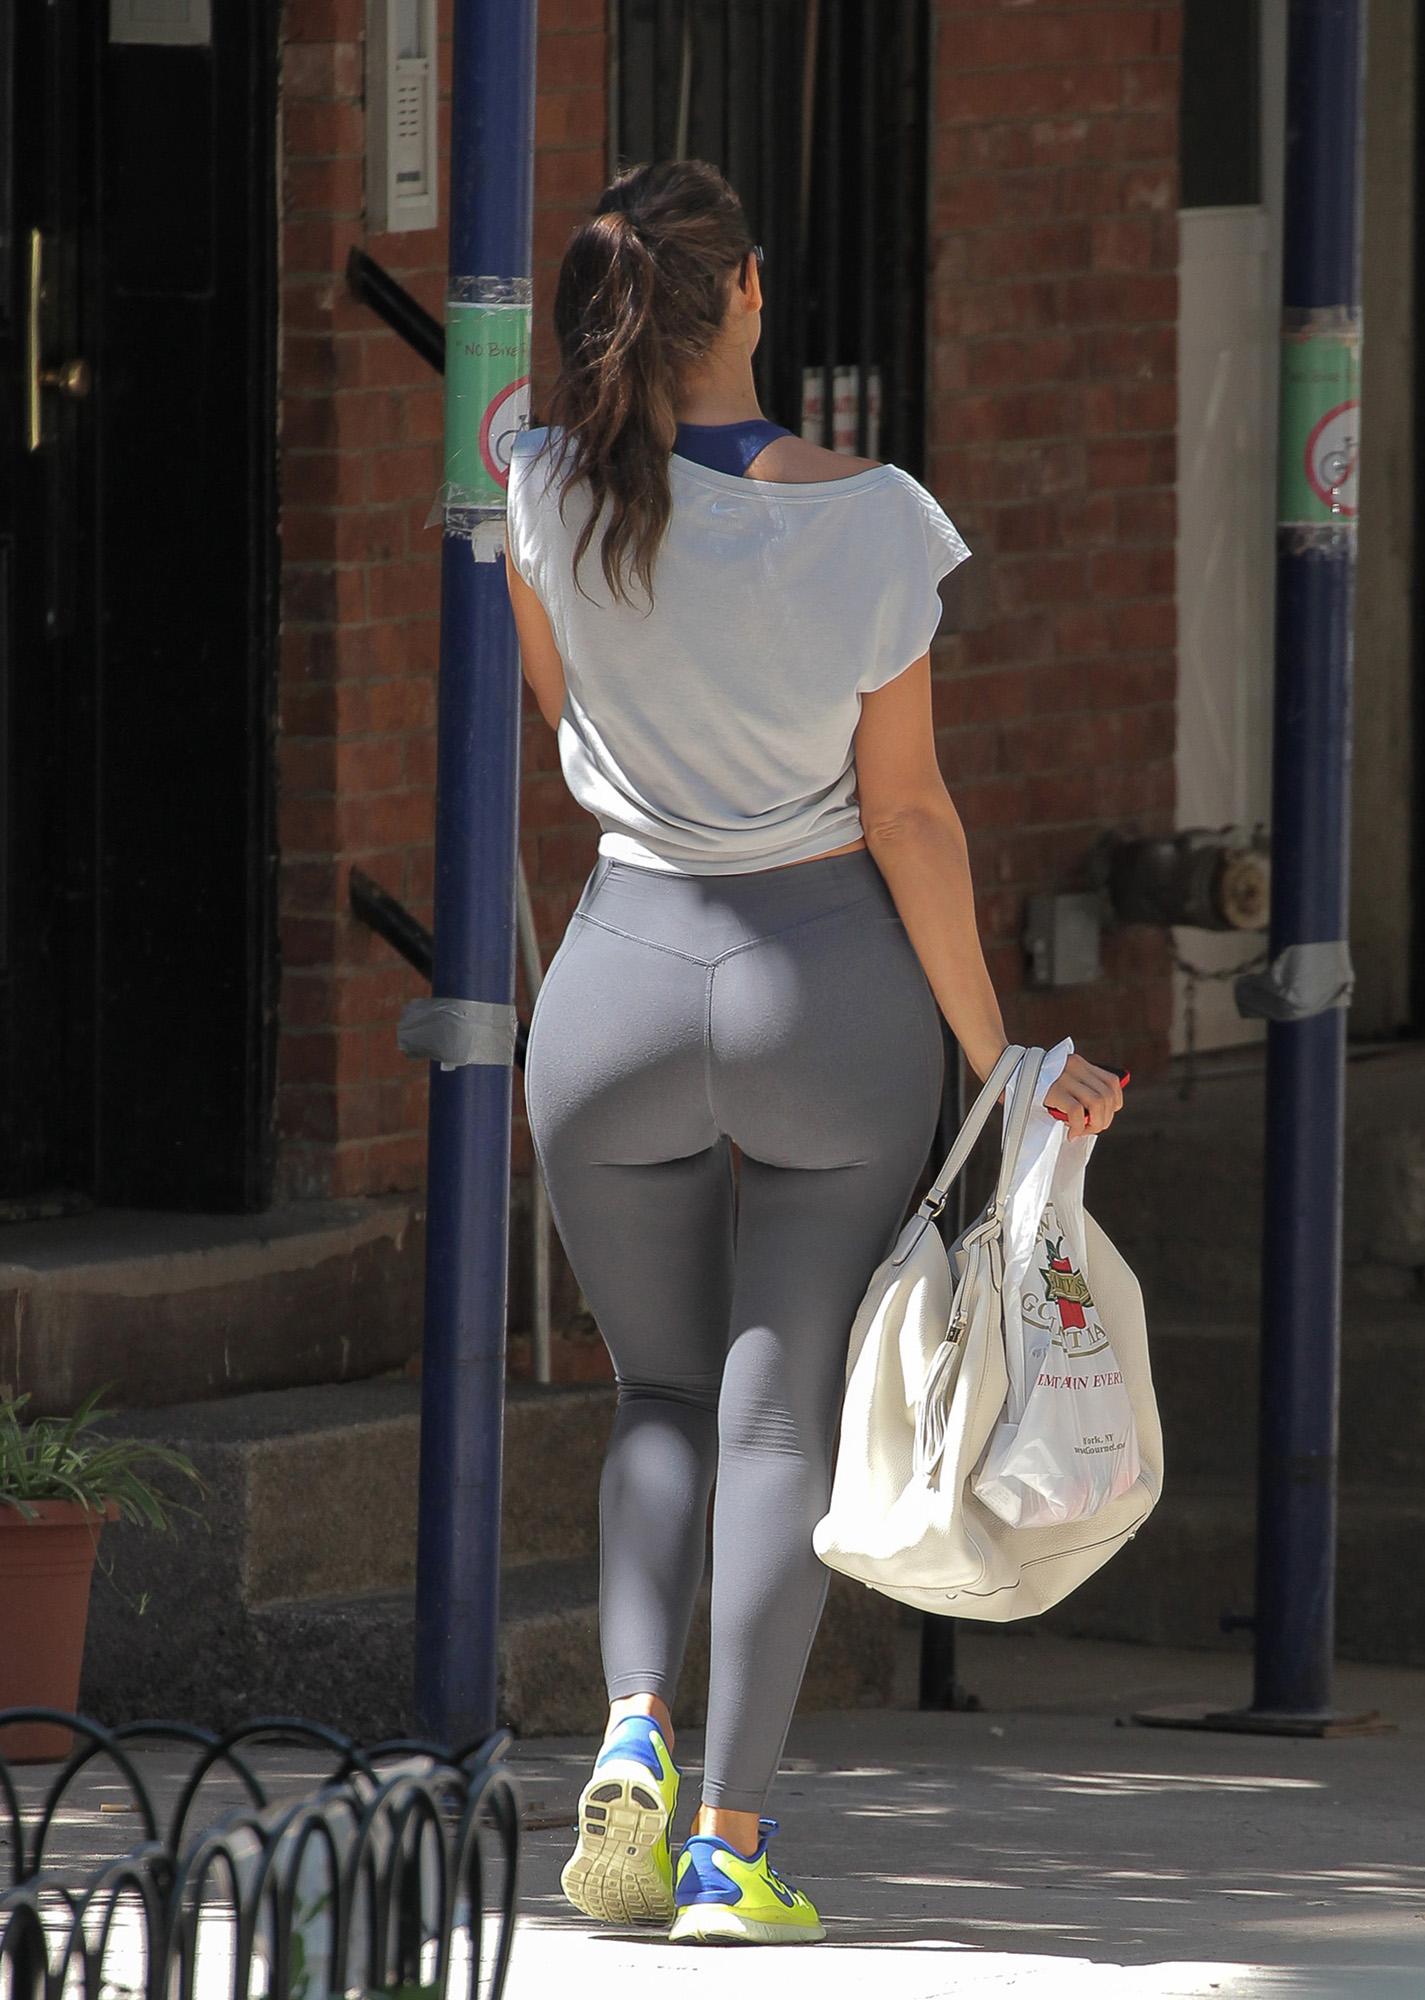 Огромные женские попки на улицах фото